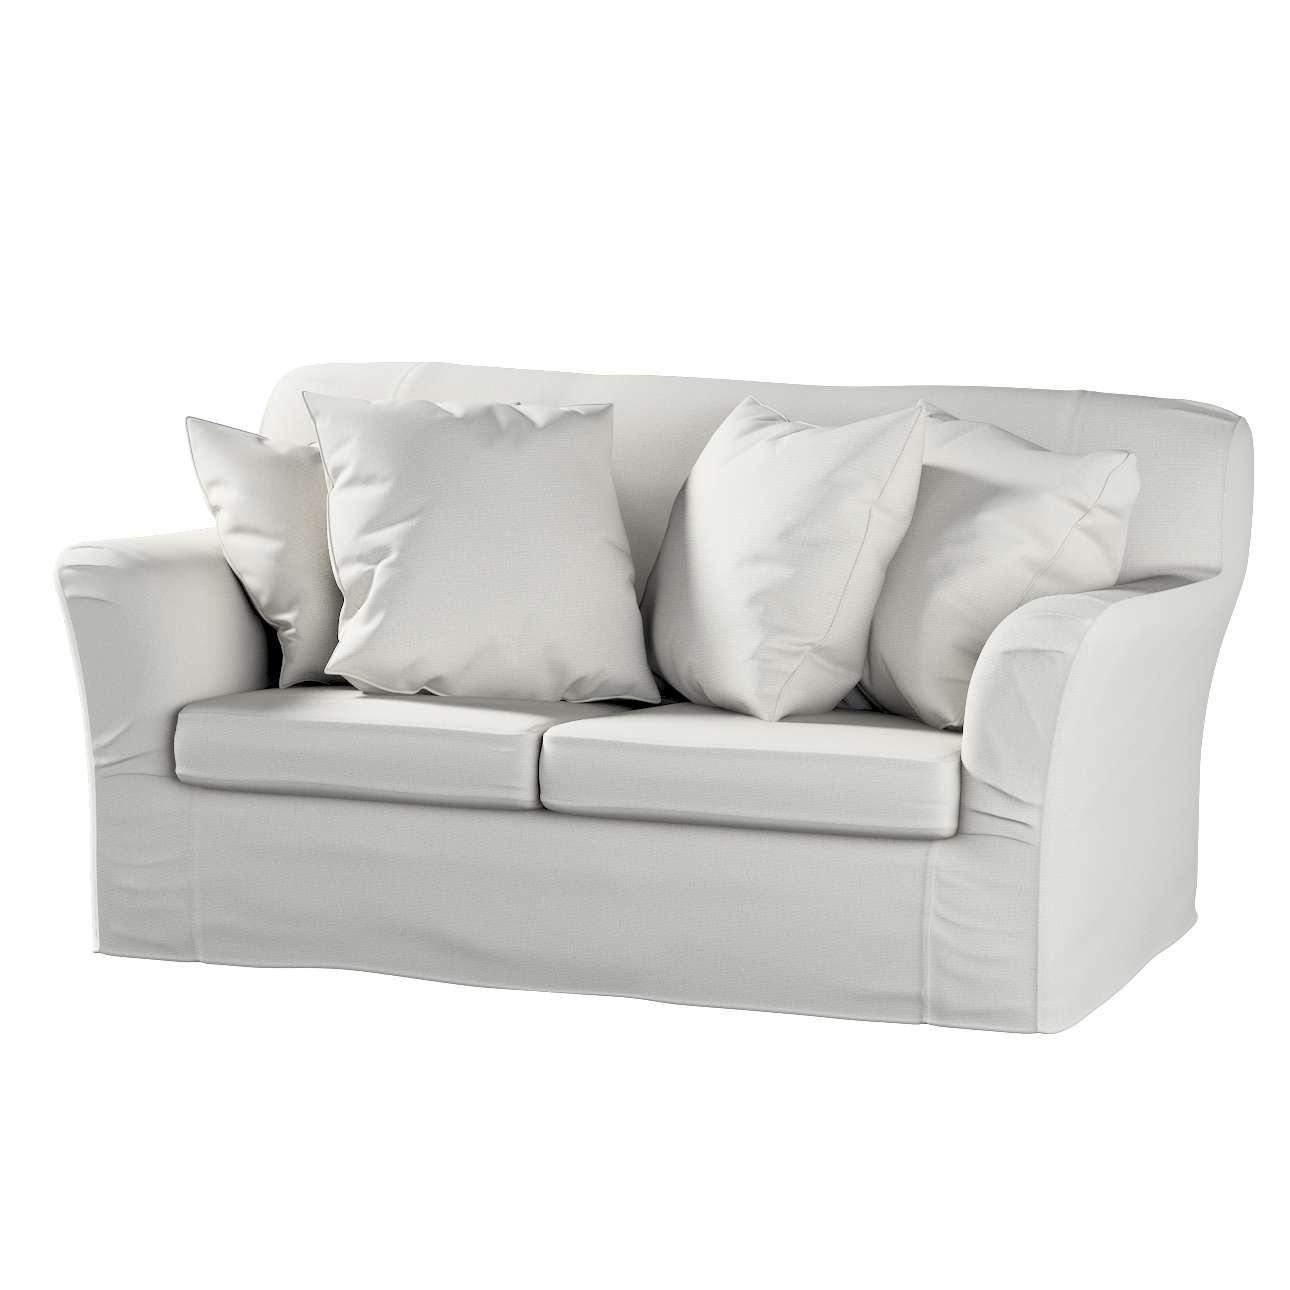 TOMELILLA  dvivietės sofos užvalkalas kolekcijoje Etna , audinys: 705-90